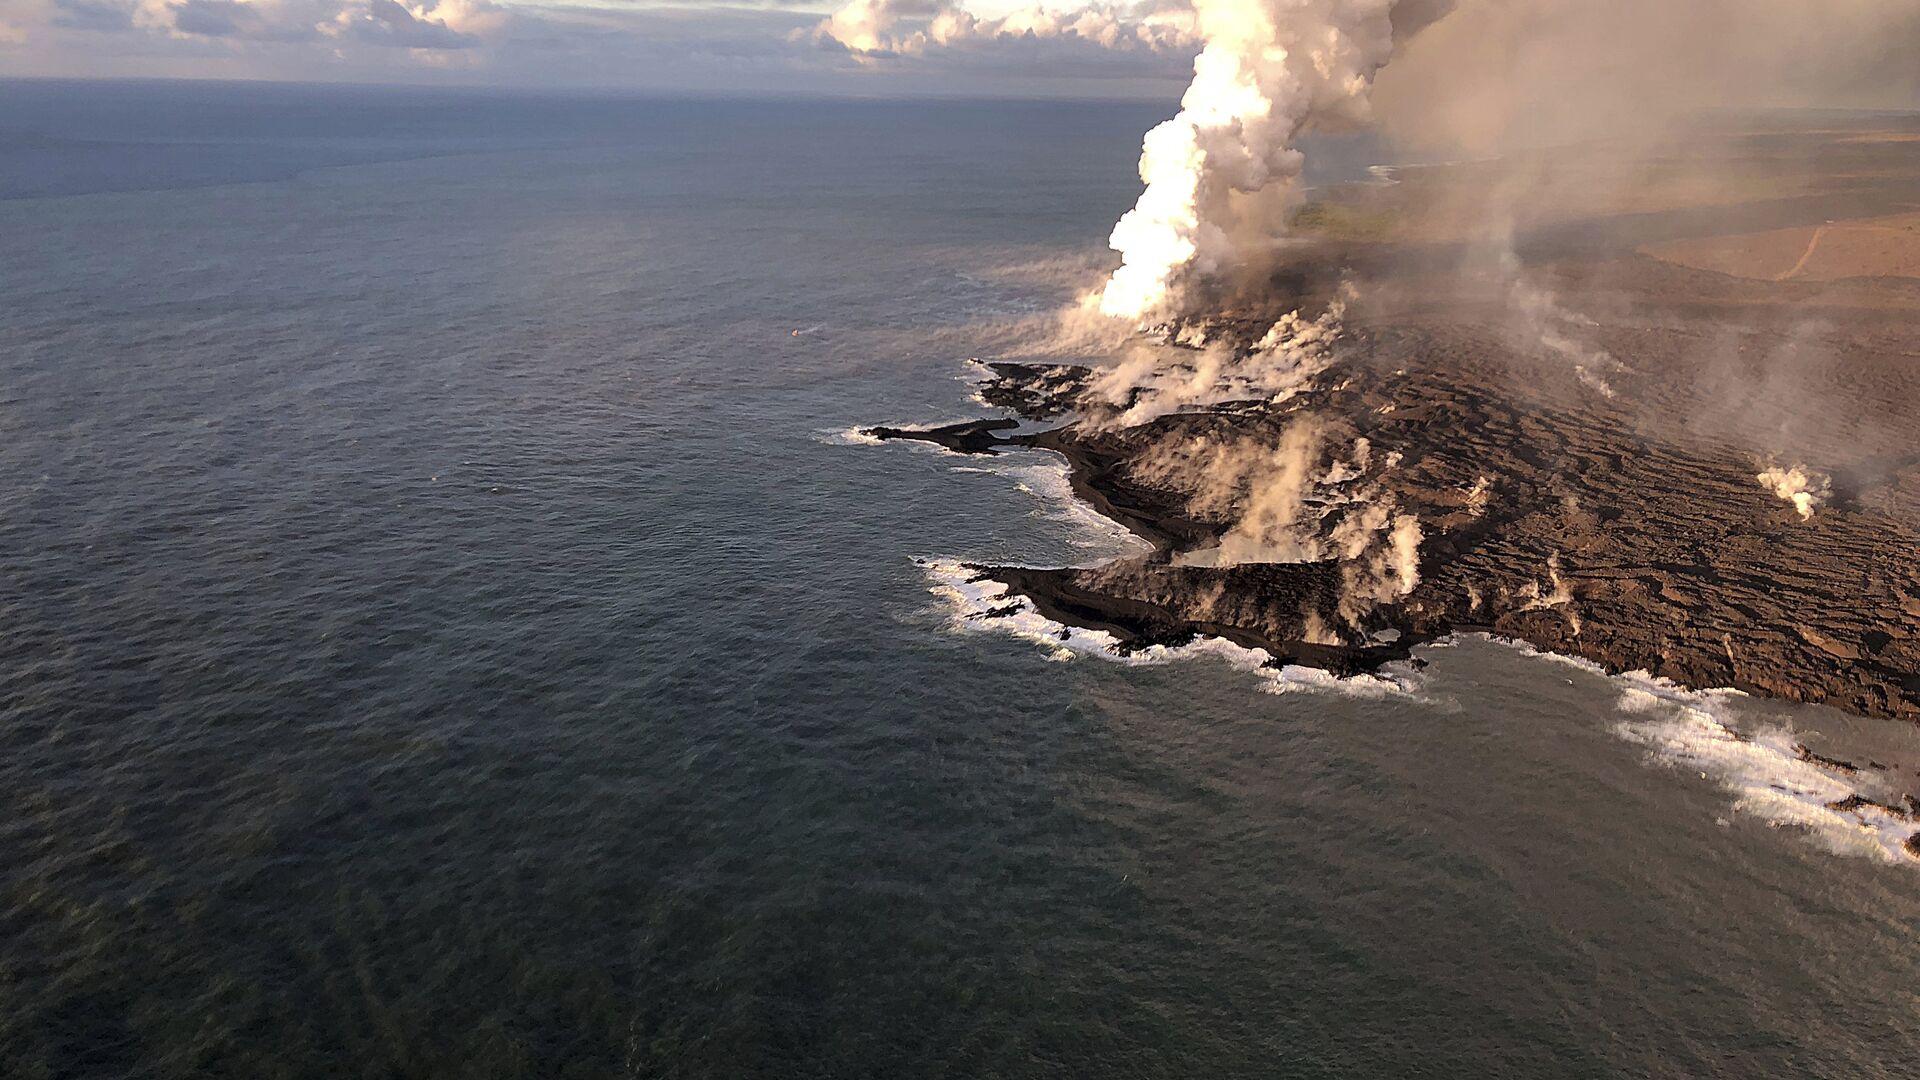 Ситуация на Гавайях после извержения вулкана - РИА Новости, 1920, 31.07.2020